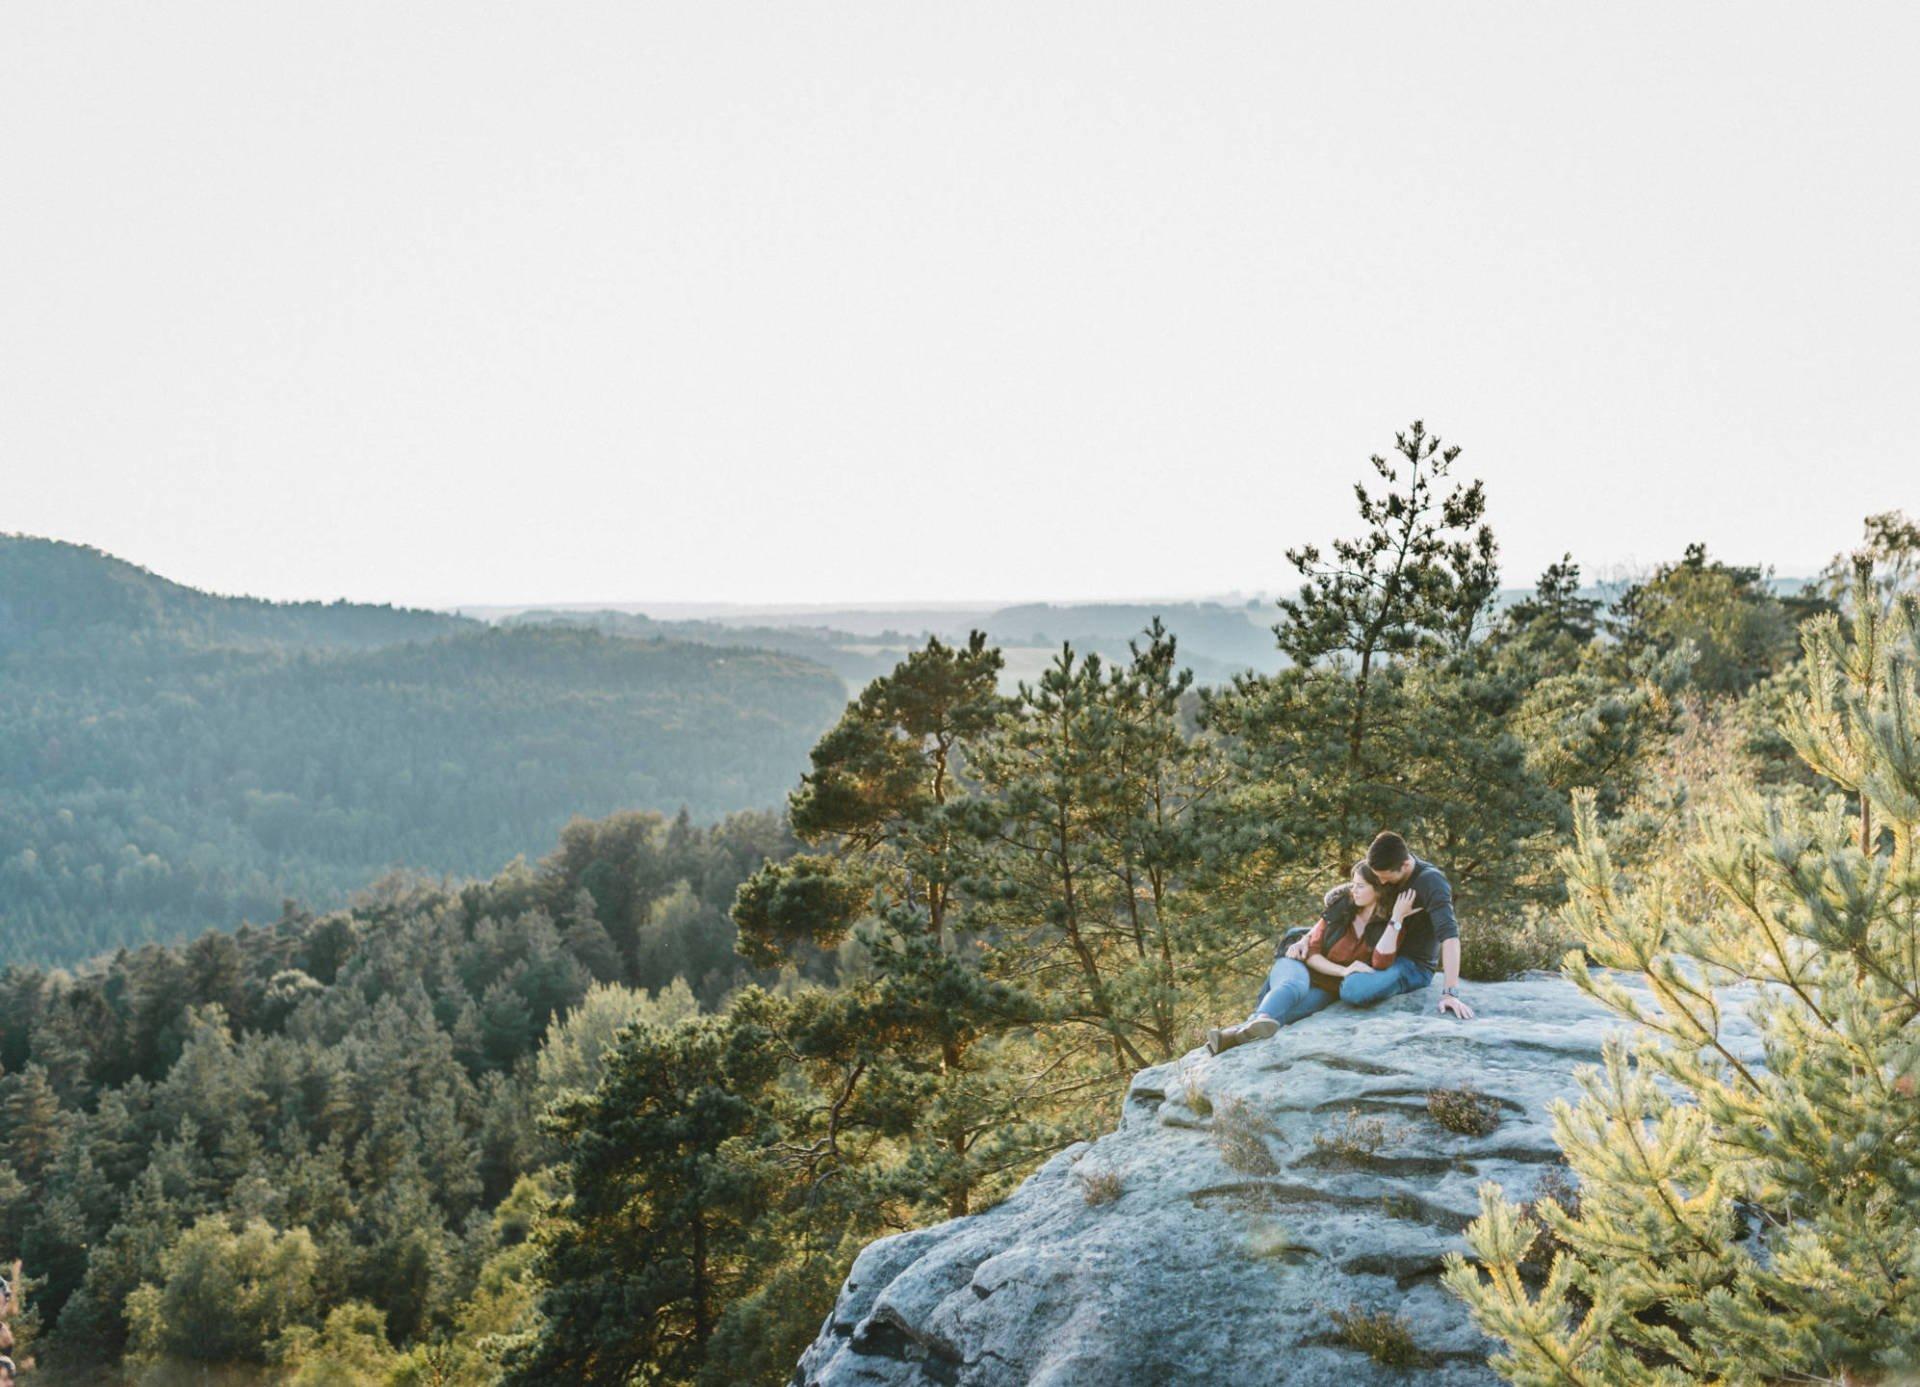 Paarportrait Elbsandsteingebirge 20 - Paarshoot im Elbsandsteingebirge